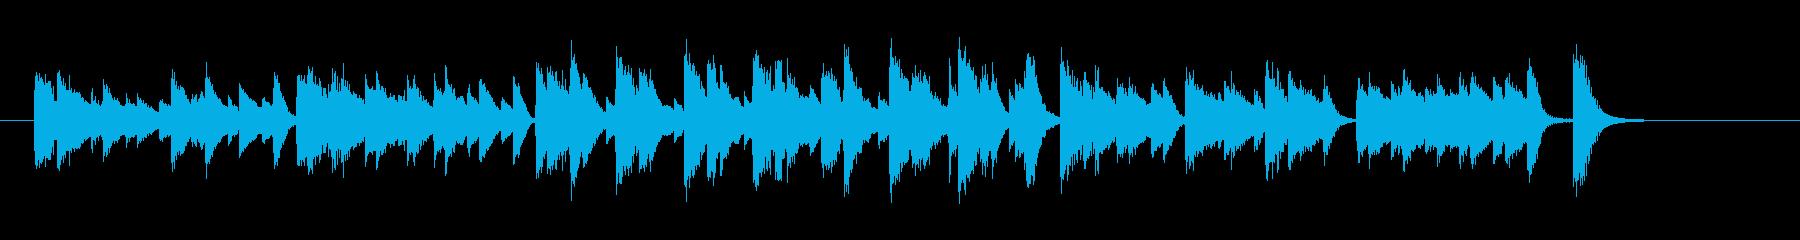 和風ブルース調のピアノジングルの再生済みの波形